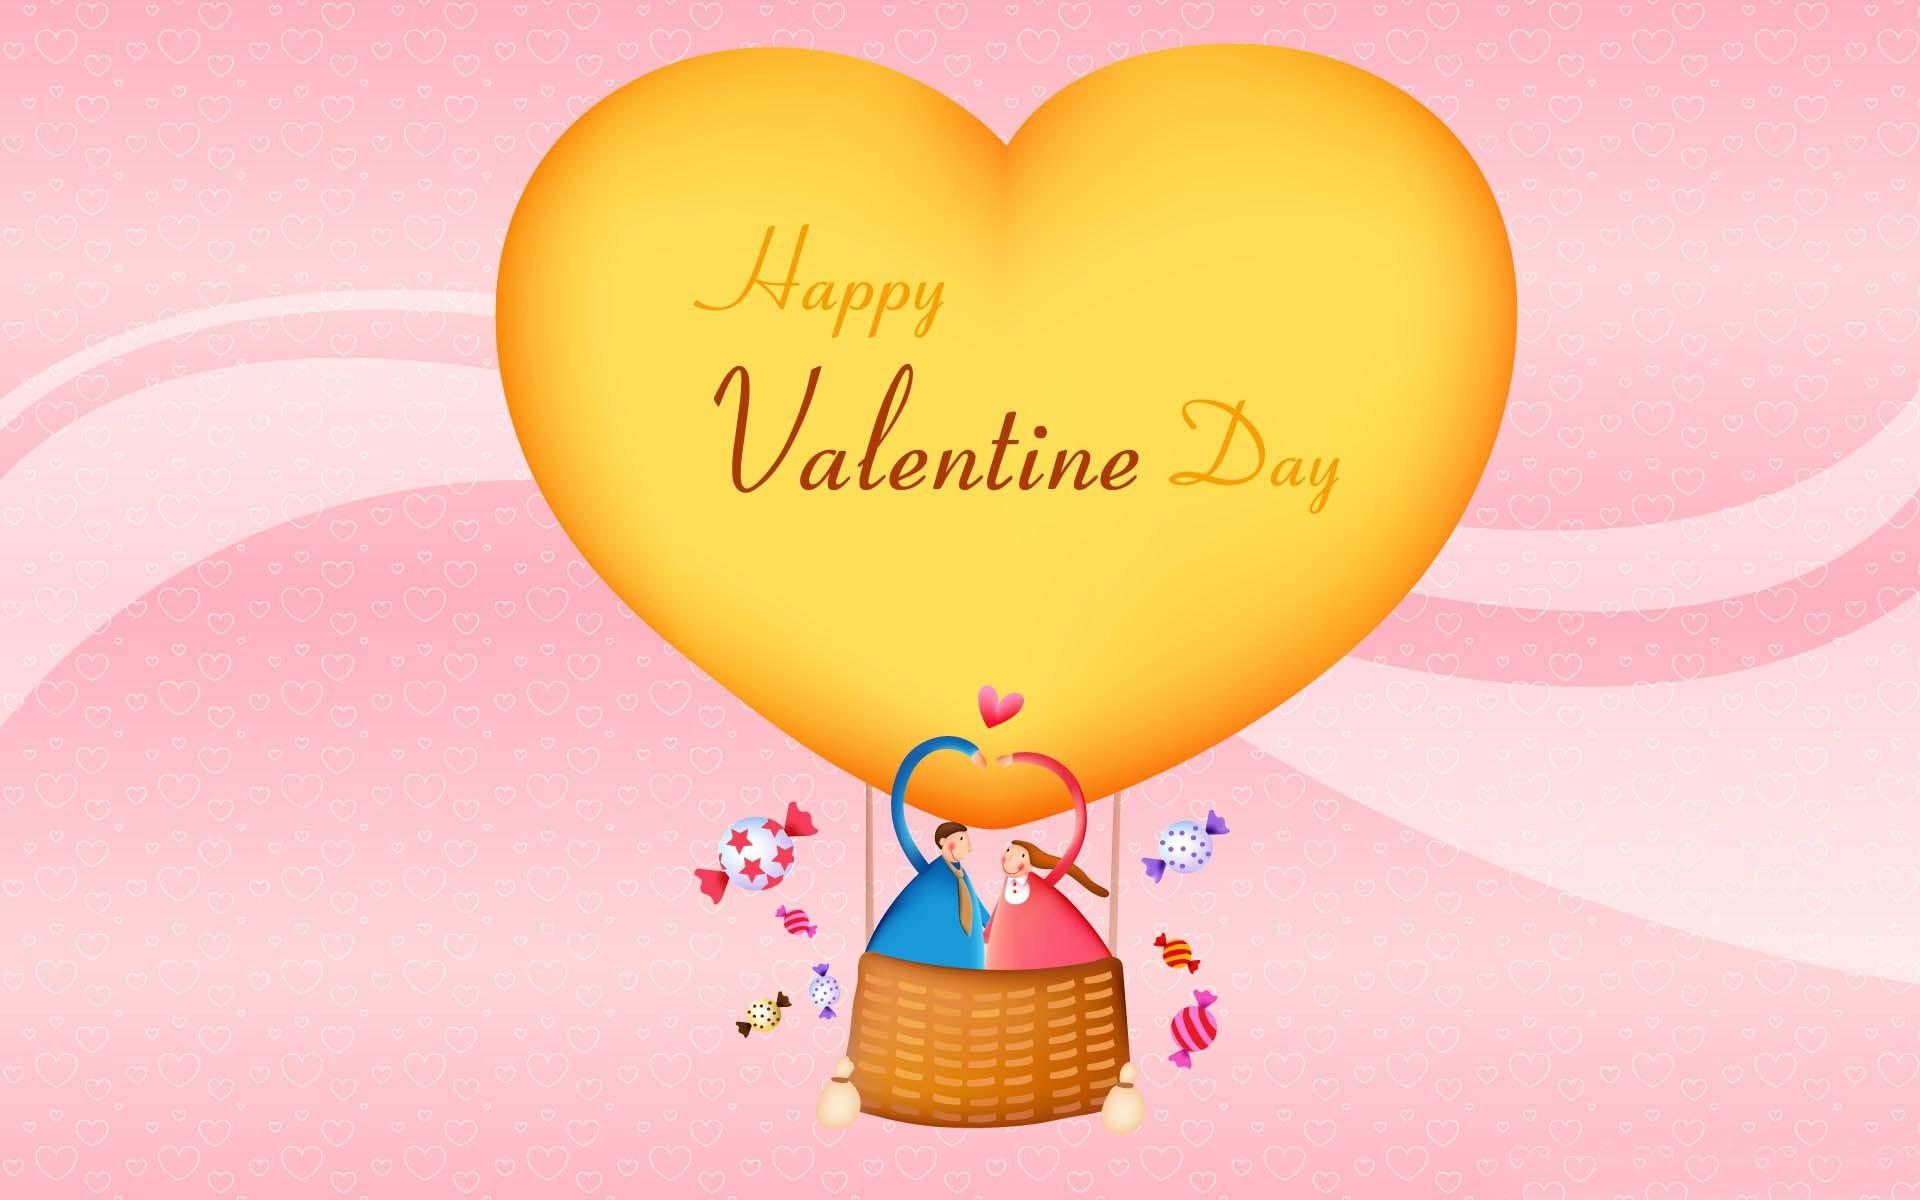 Поздравления с Днём Святого Валентина на английском языке с